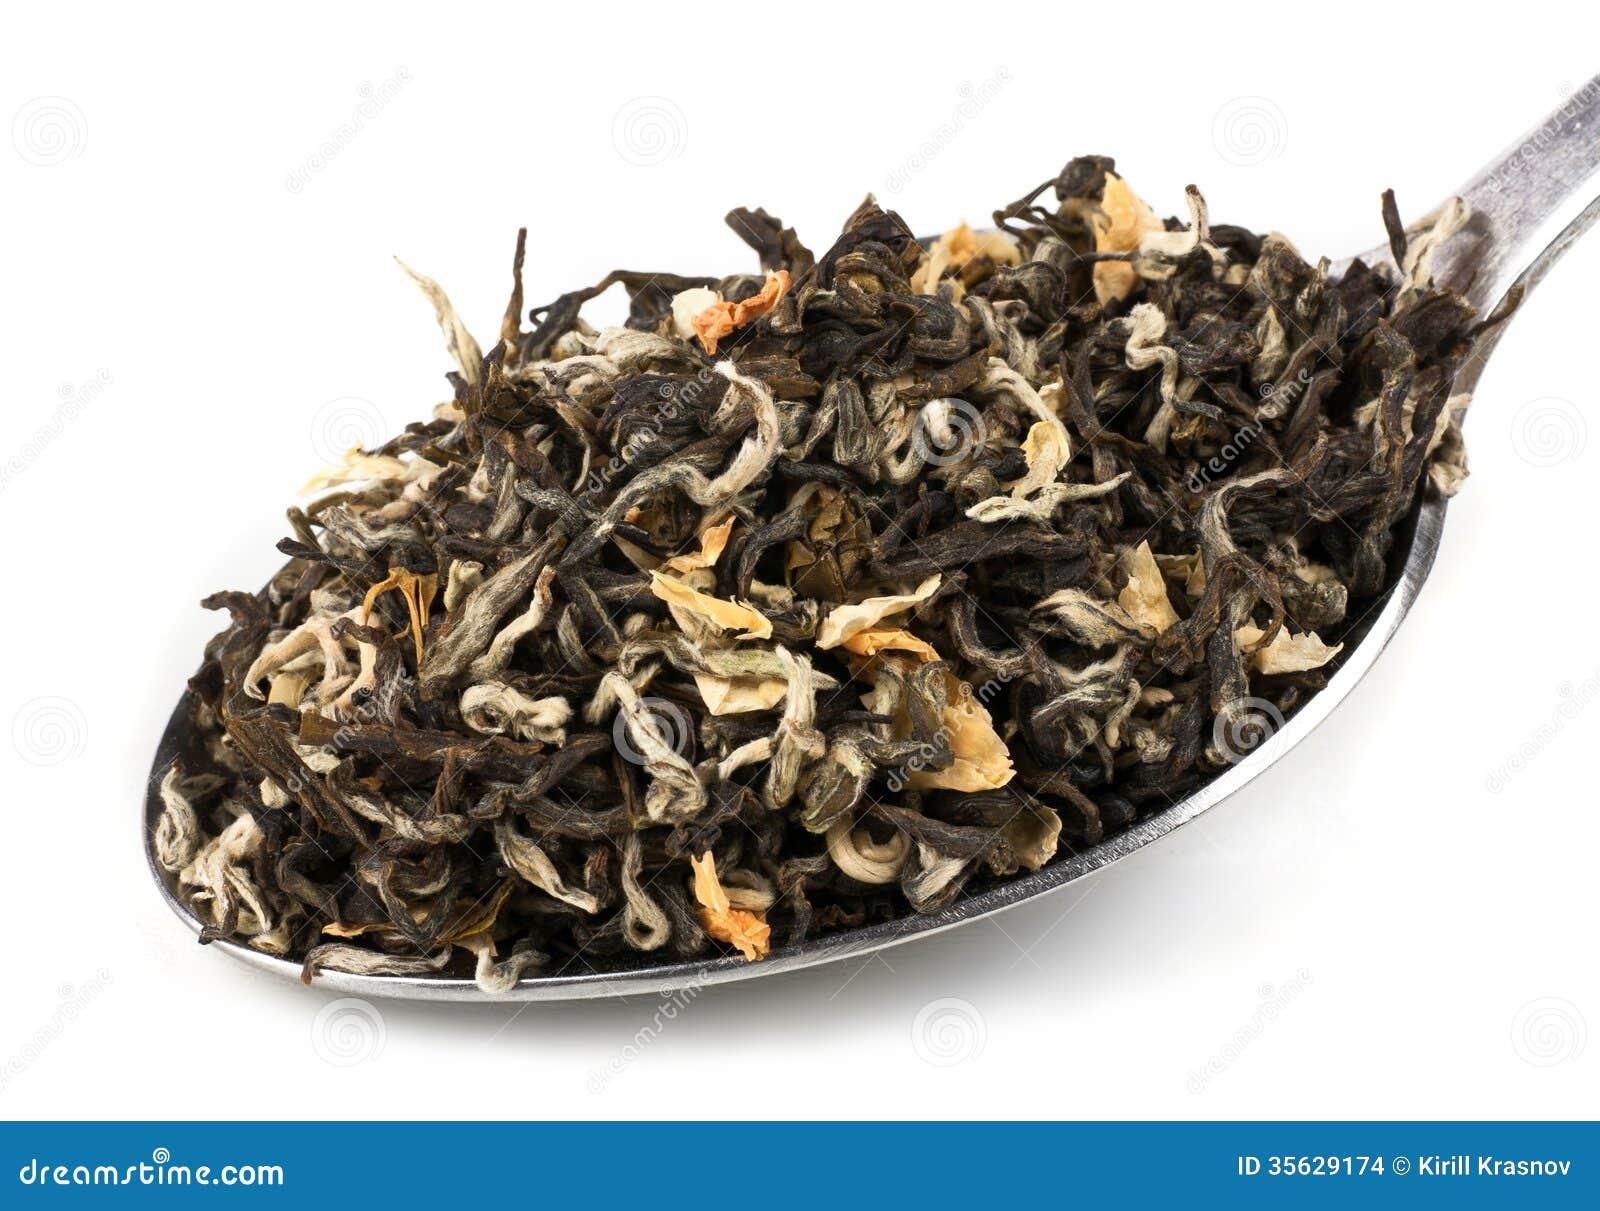 Tea Loose Dried Tea Leaves Stock Images